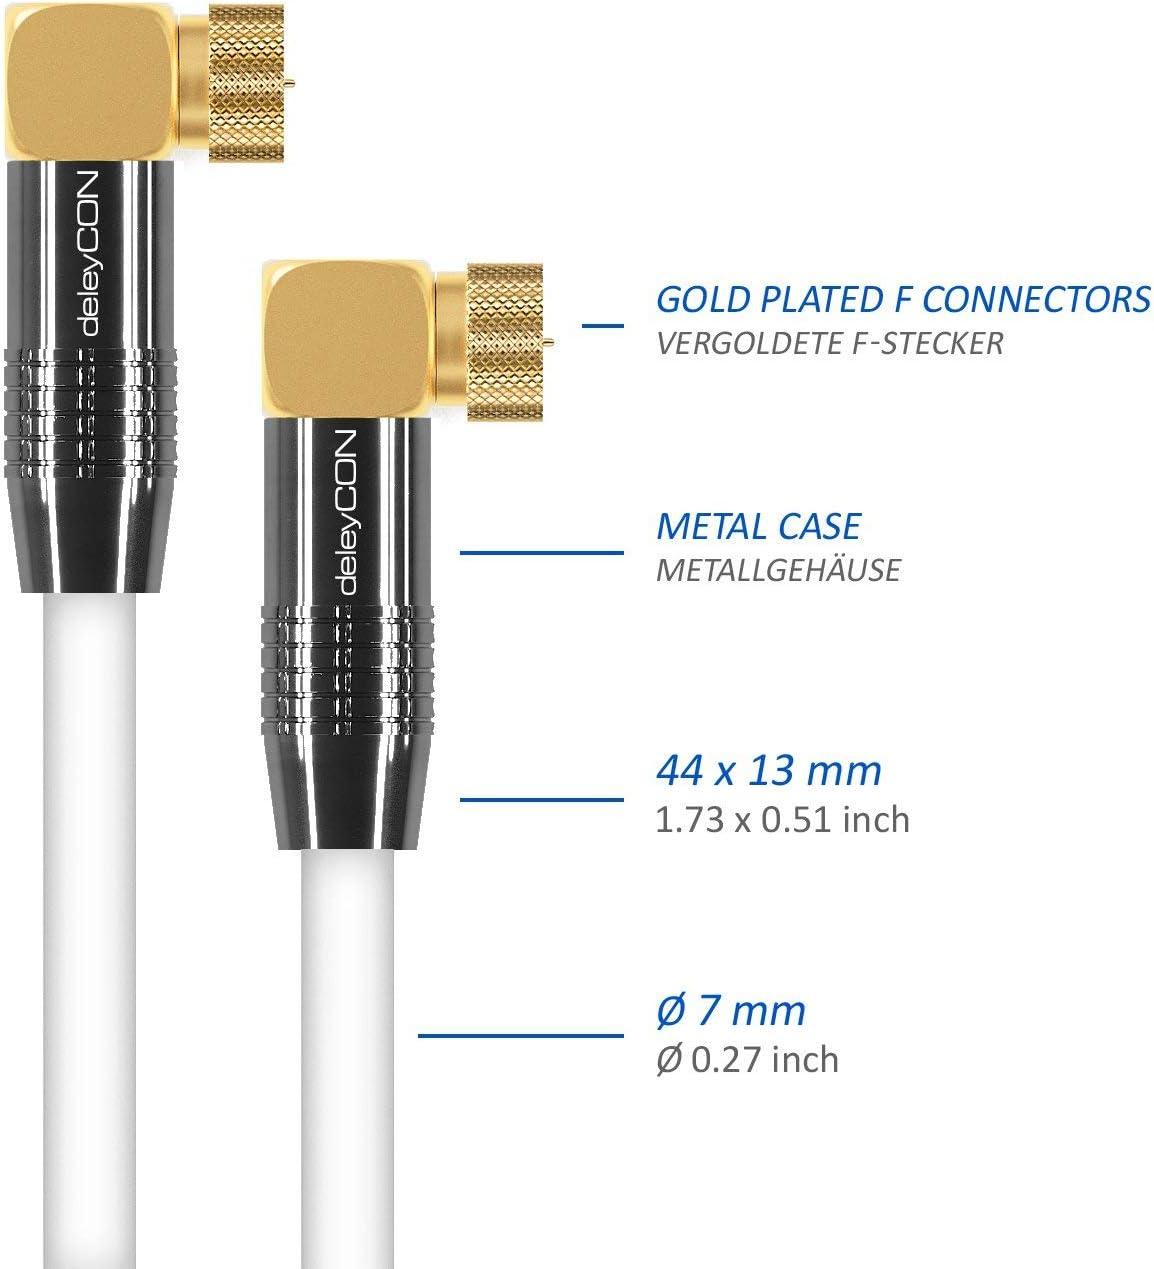 Conector F - Conector Met/álico a Conector F 90/° Grado 90/° Grado deleyCON 10m Cable de Antena Sat HDTV Cable de Sat/élite Cable Coaxial 2X en /Ángulo Negro